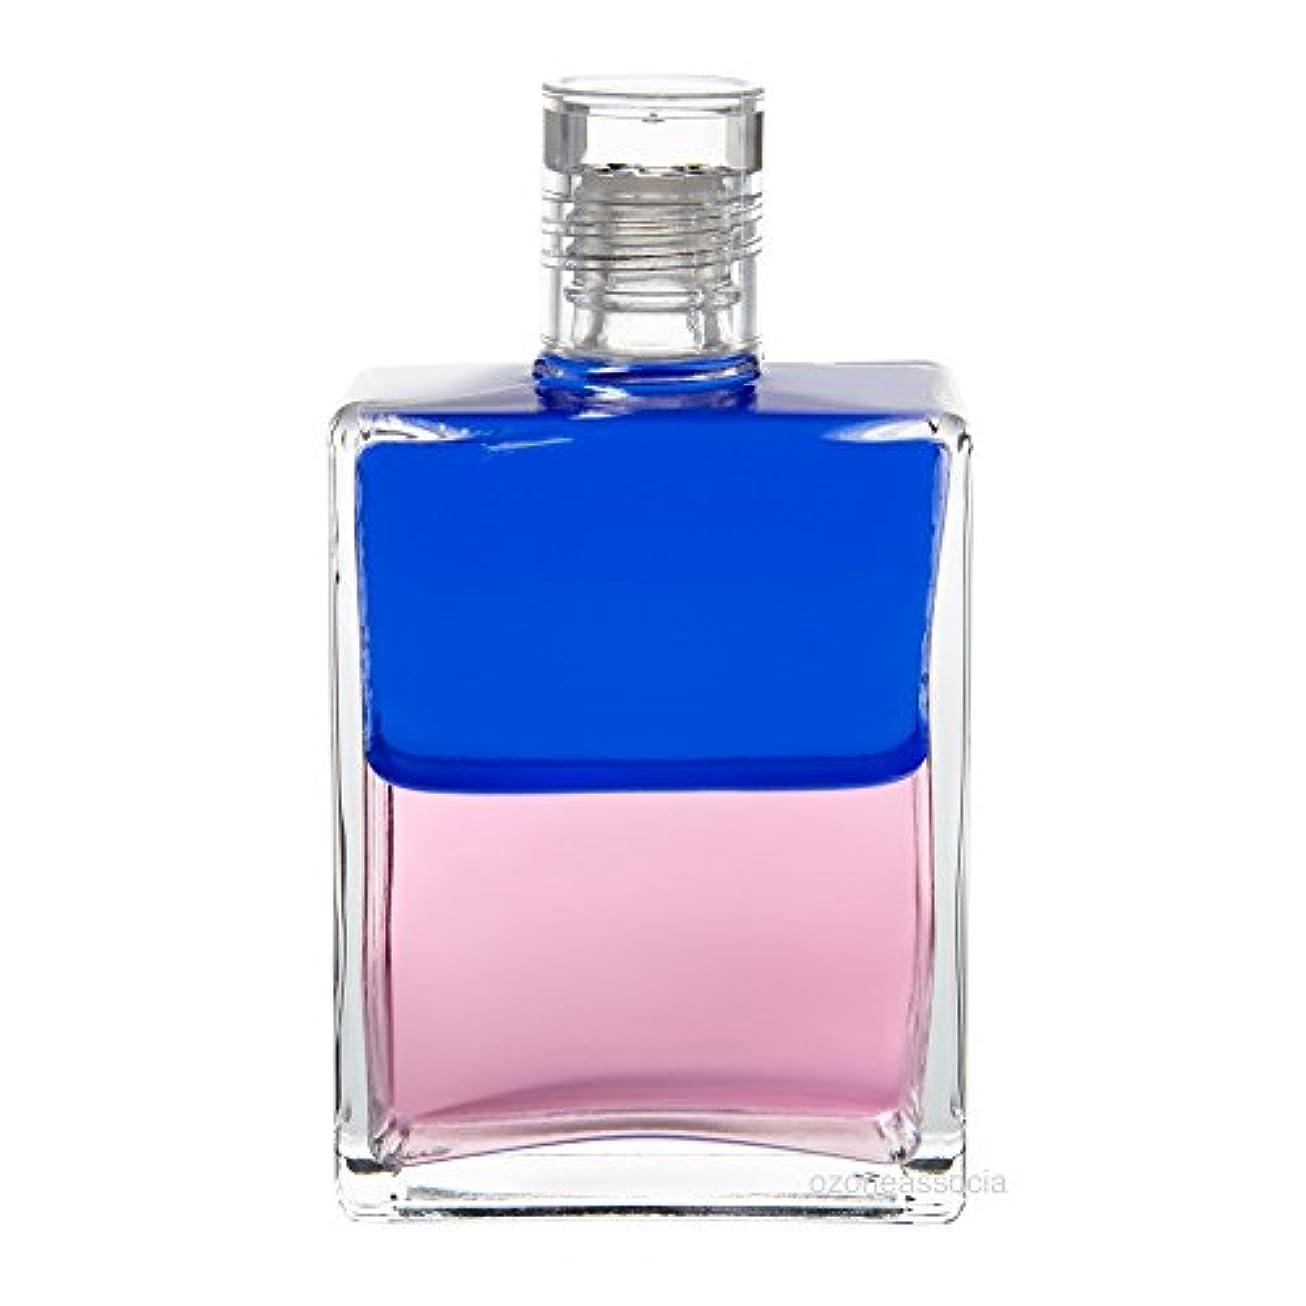 木材生息地ステーキオーラソーマ ボトル 20番  チャイルドレスキュー/スターチャイルド (ブルー/ピンク) イクイリブリアムボトル50ml Aurasoma